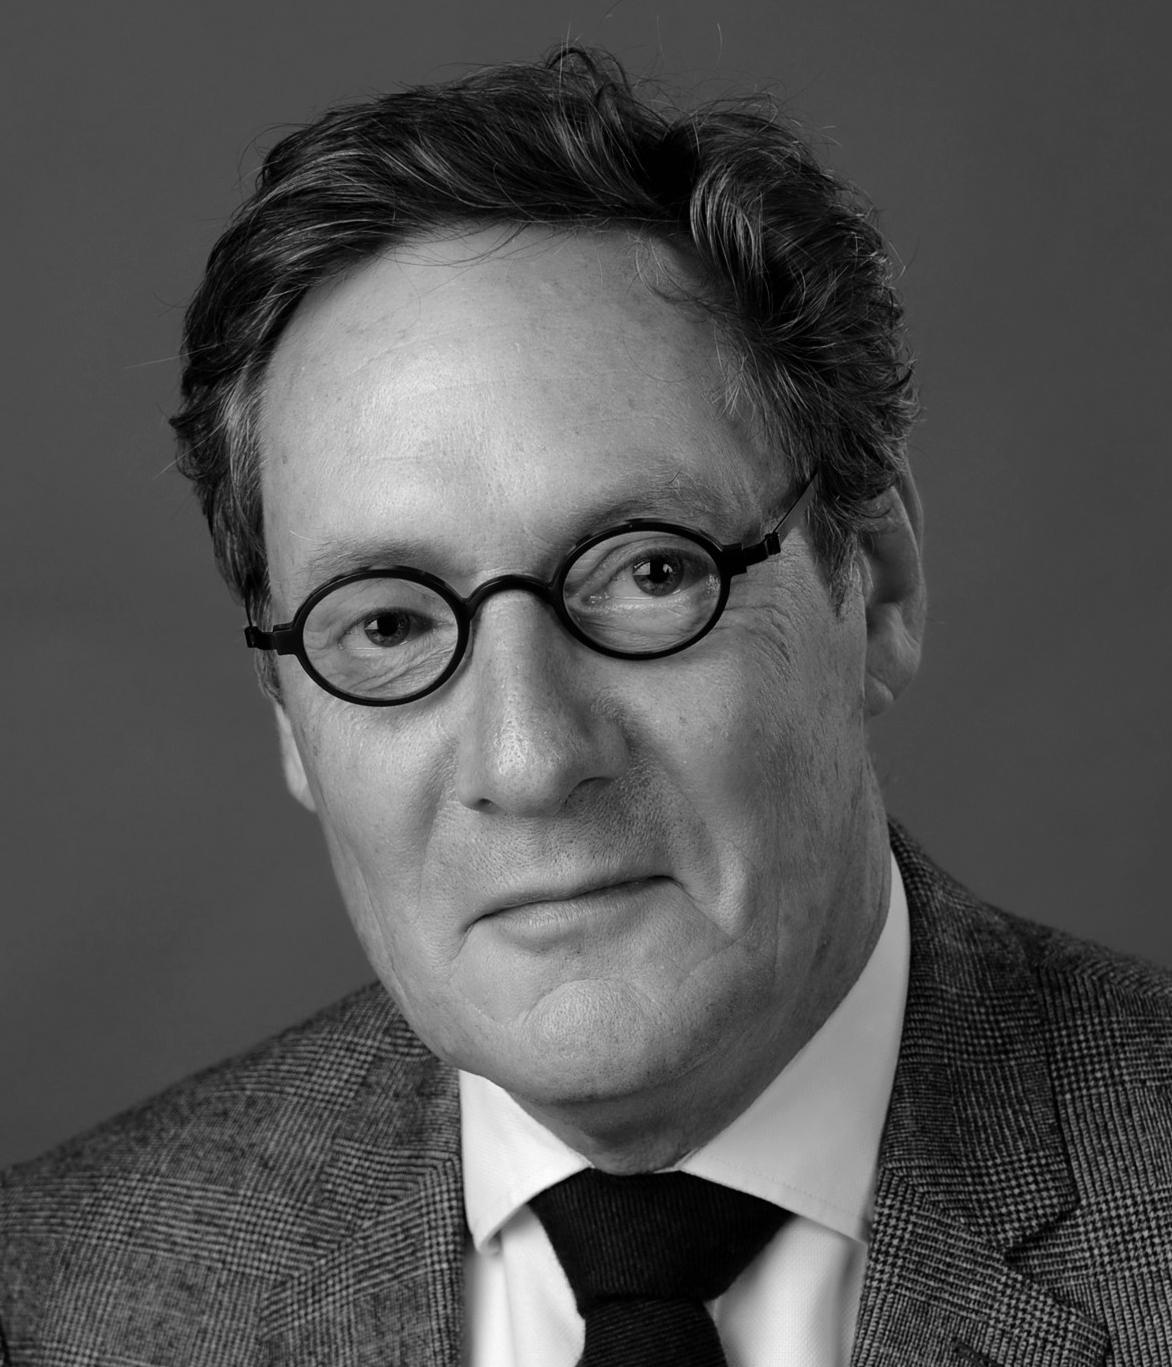 Michel de Boer